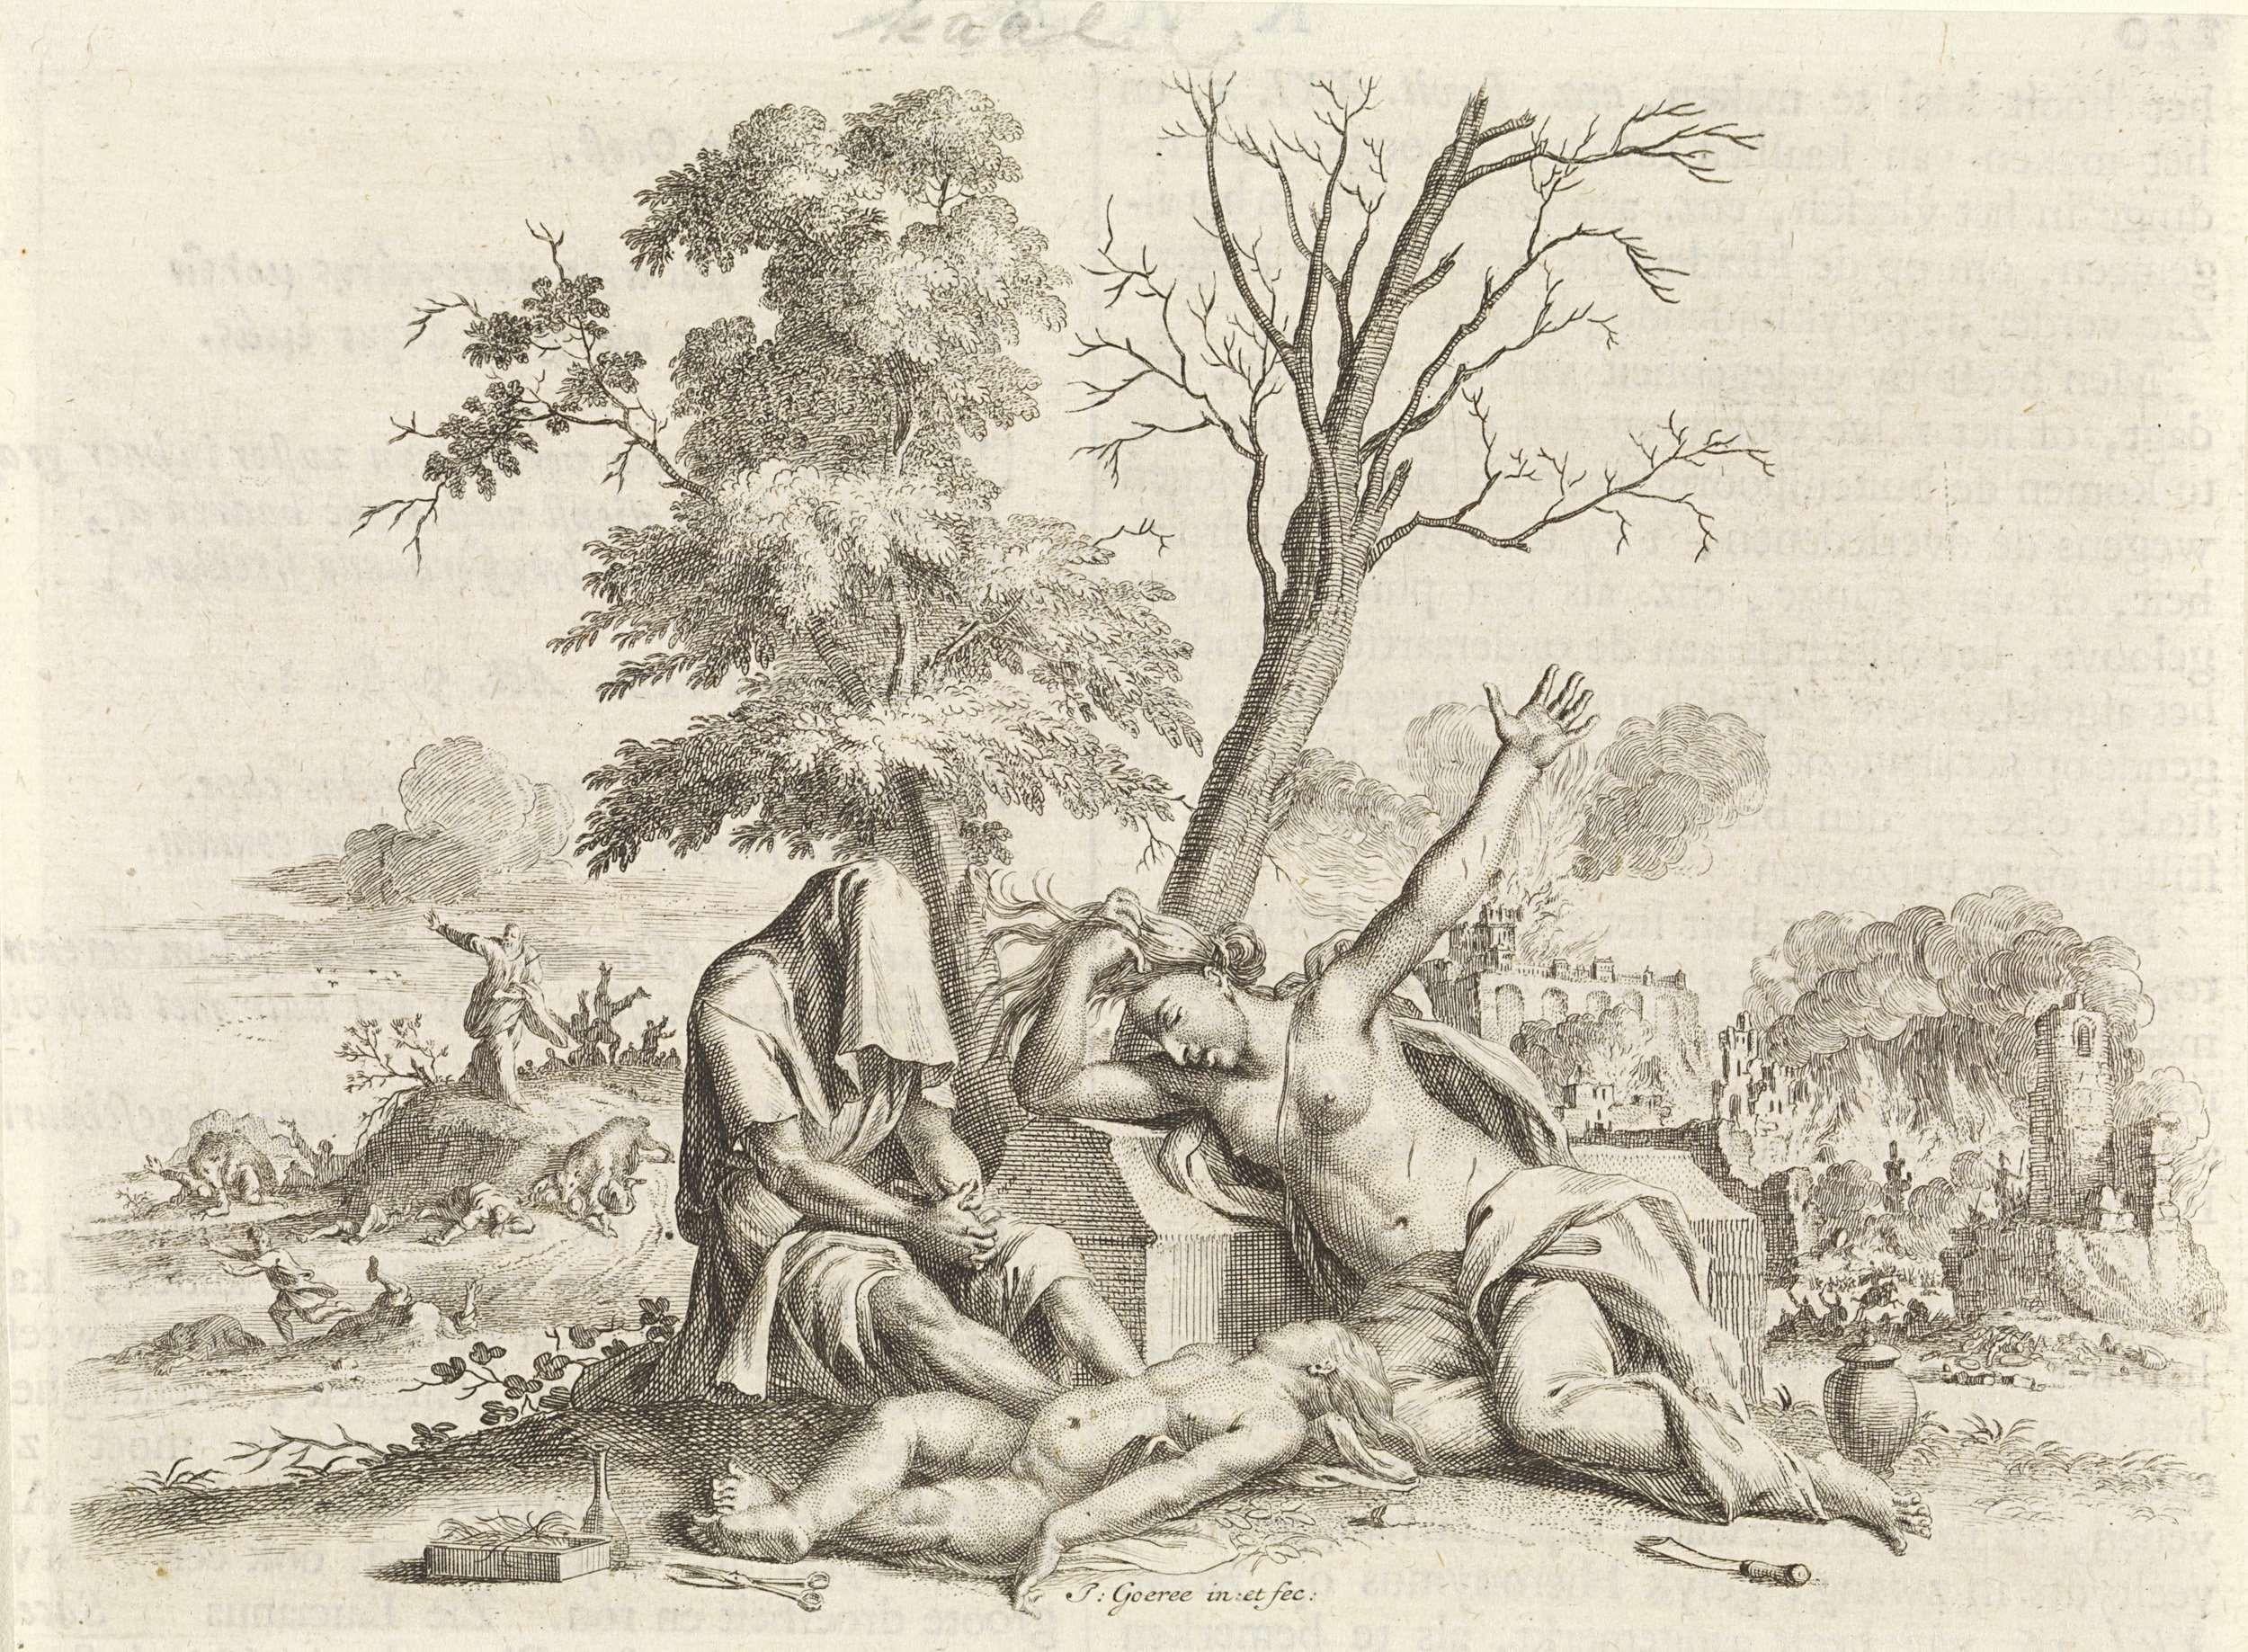 Jan Goeree | Embleem: kaalheid, Jan Goeree, Gerard onder de Linden, Joannes van Braam, 1723 | Een embleem met op de voorgrond een man en een vrouw die rouwen om de dood van hun kind. De man heeft zijn hoofd afgedekt. Hij heeft zijn haar afgeknipt. Het ligt als offer naast het lijk van zijn kind. Aan de andere kant van het lijk de moeder, die uit verdriet haar haren uittrekt. Beiden zitten voor een kale boom. Op de achtergrond links de profeet Elisa, die wraak neemt op de kinderen die hem…